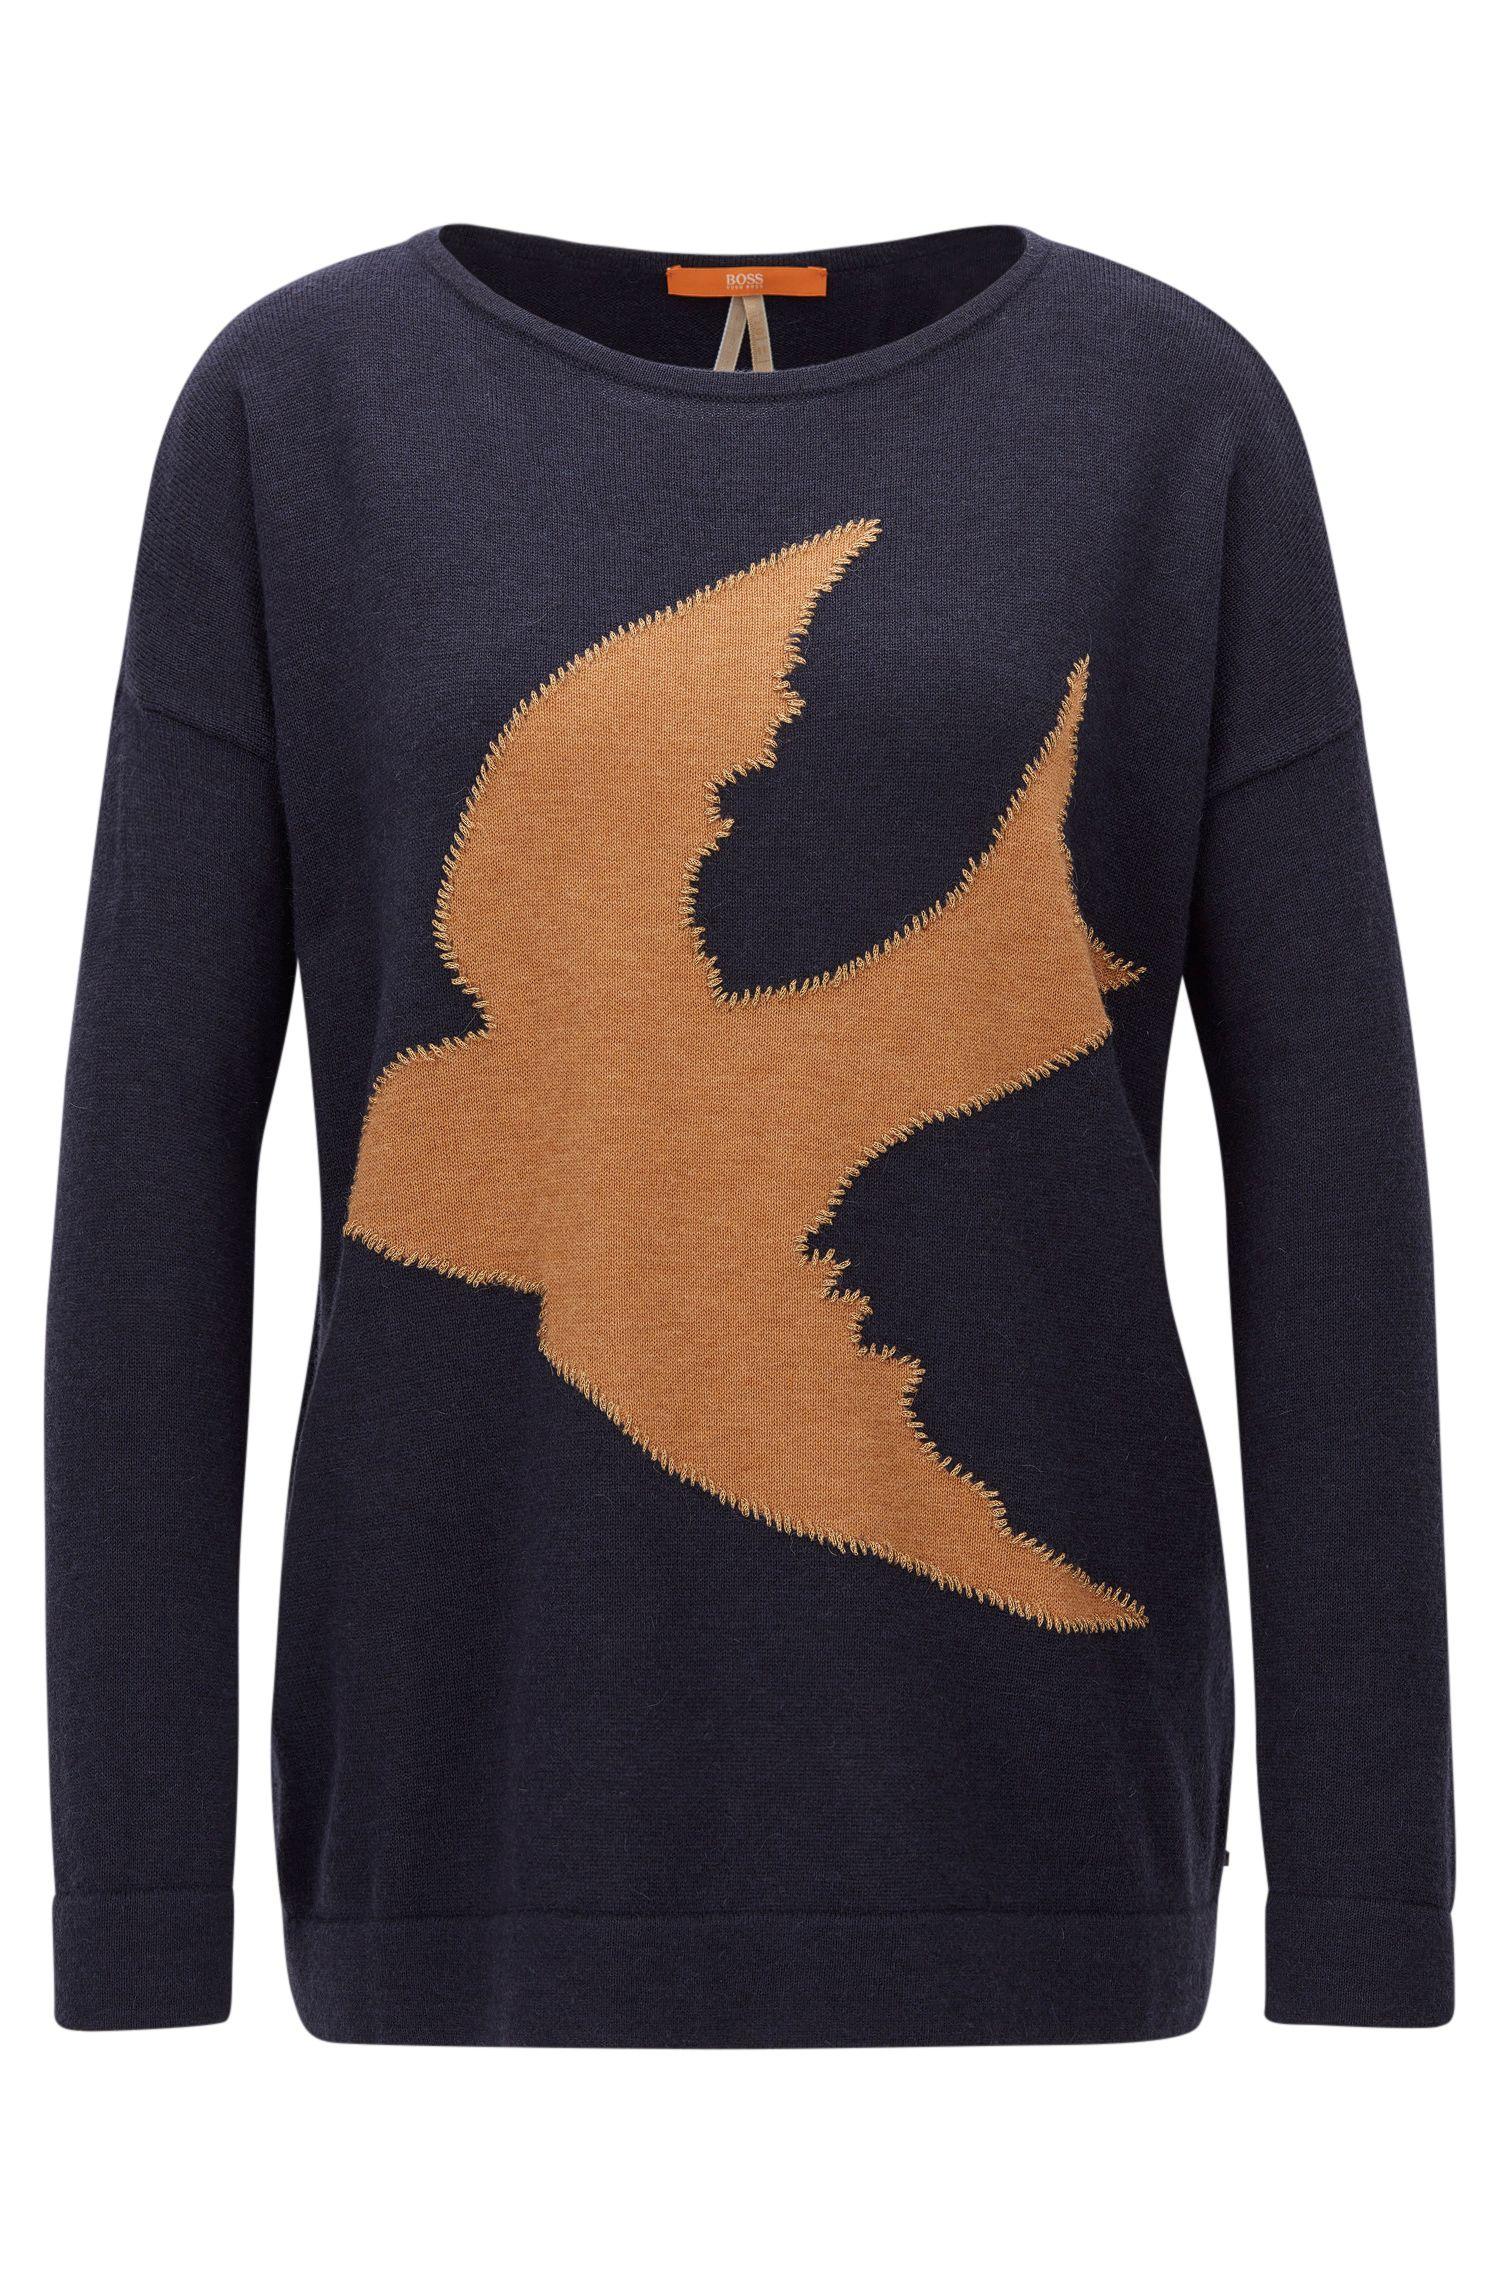 Relaxed-fit trui van jersey met vogelintarsia